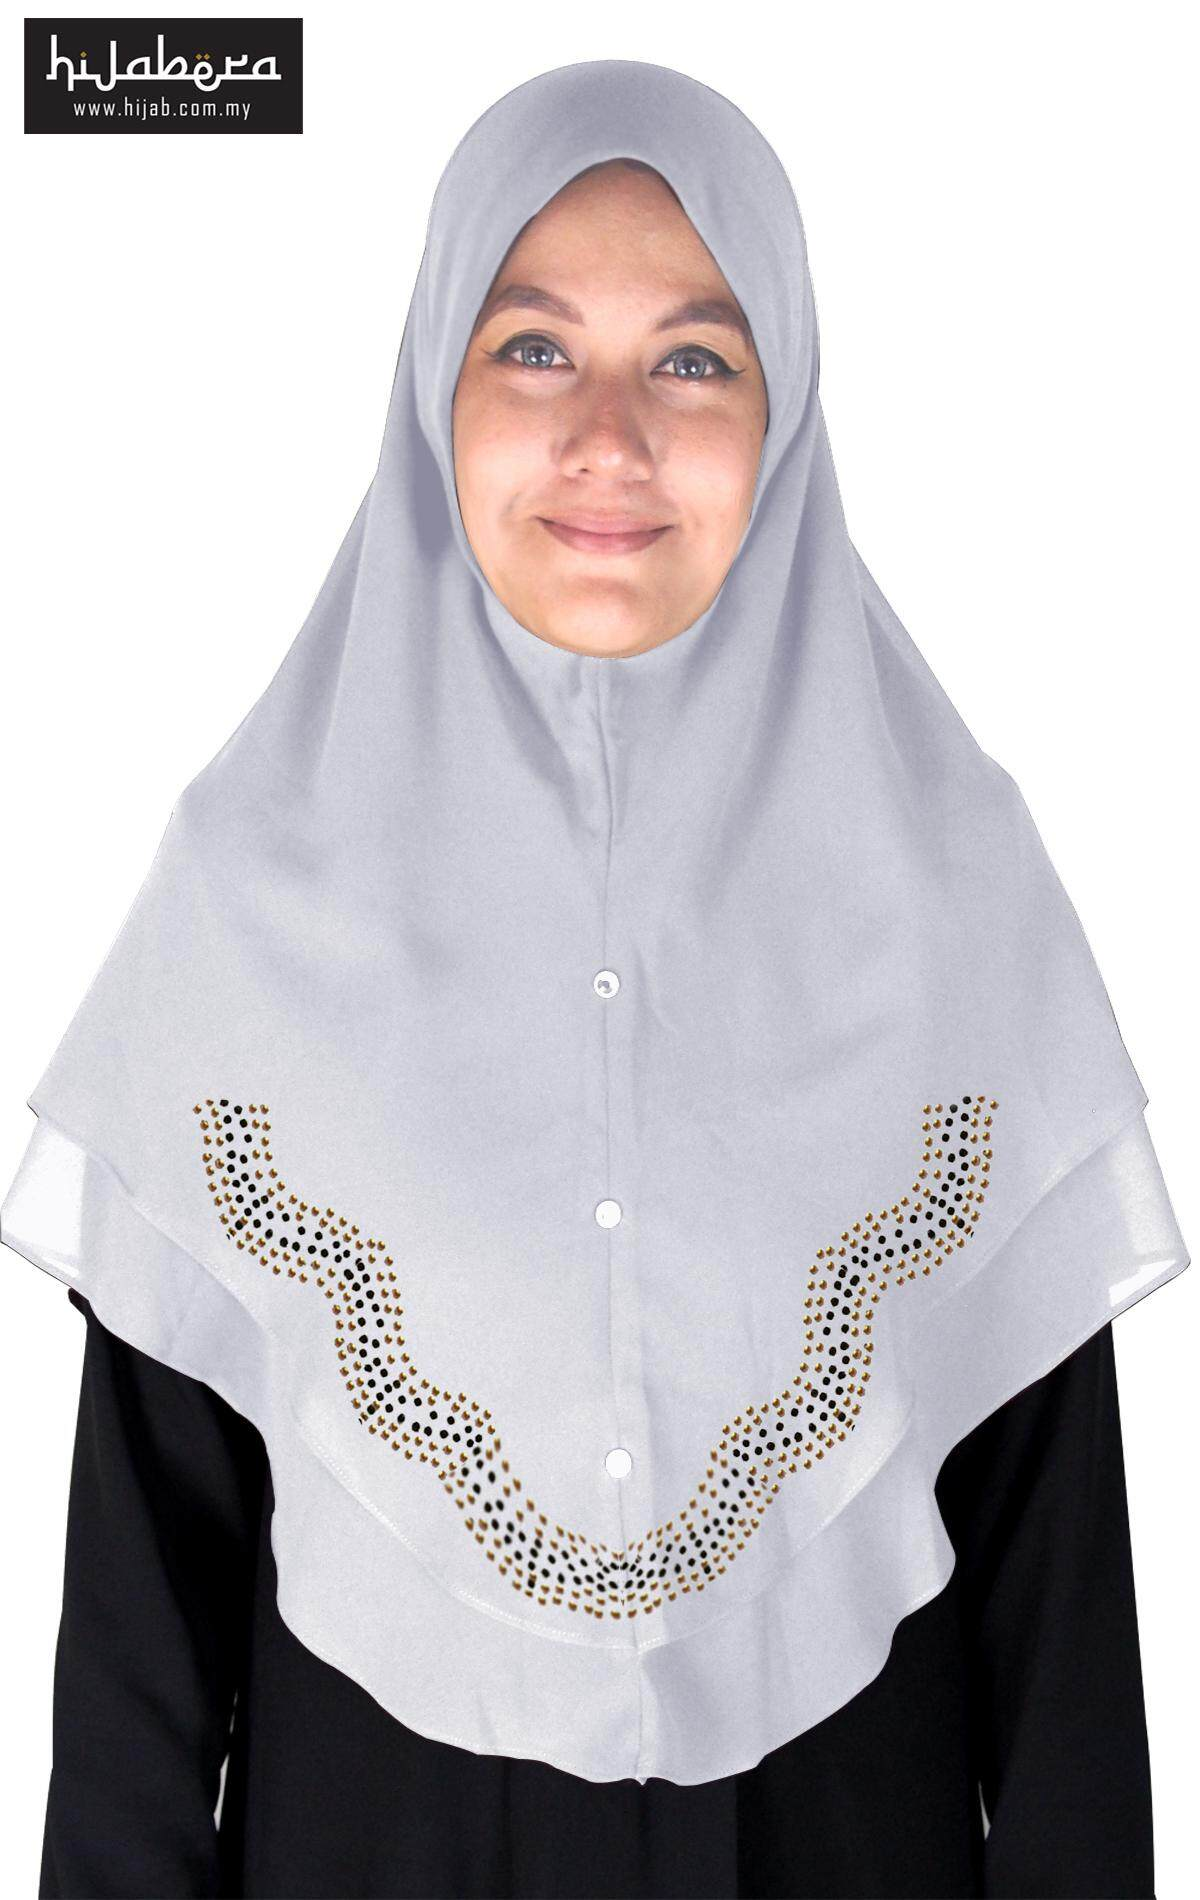 Special Edition Nur Amina Tudung With Crystal Design - Nur Amina